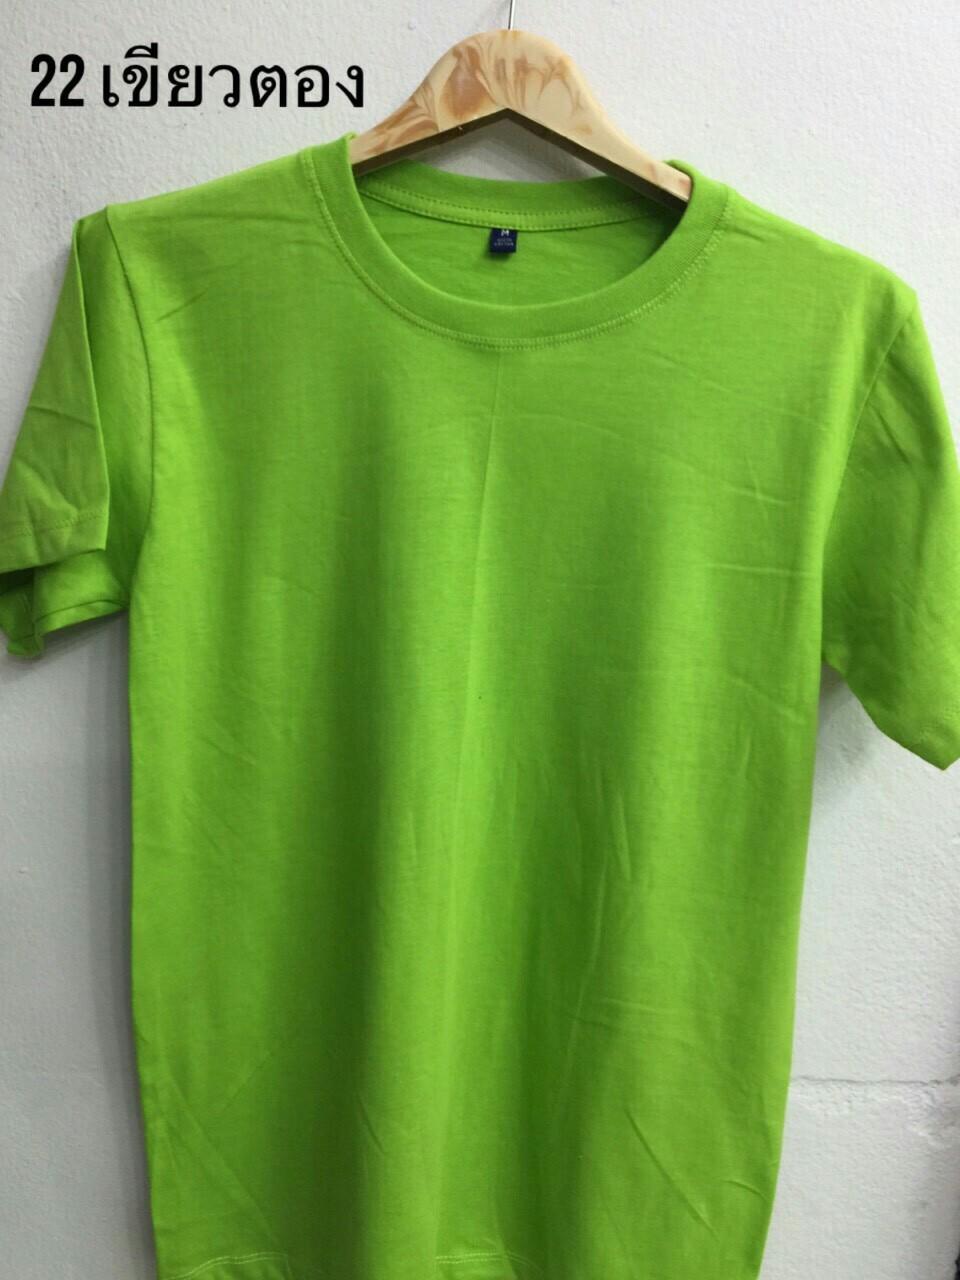 เสื้อ Cotton สีเขียวตอง ไซส์ S,M,L